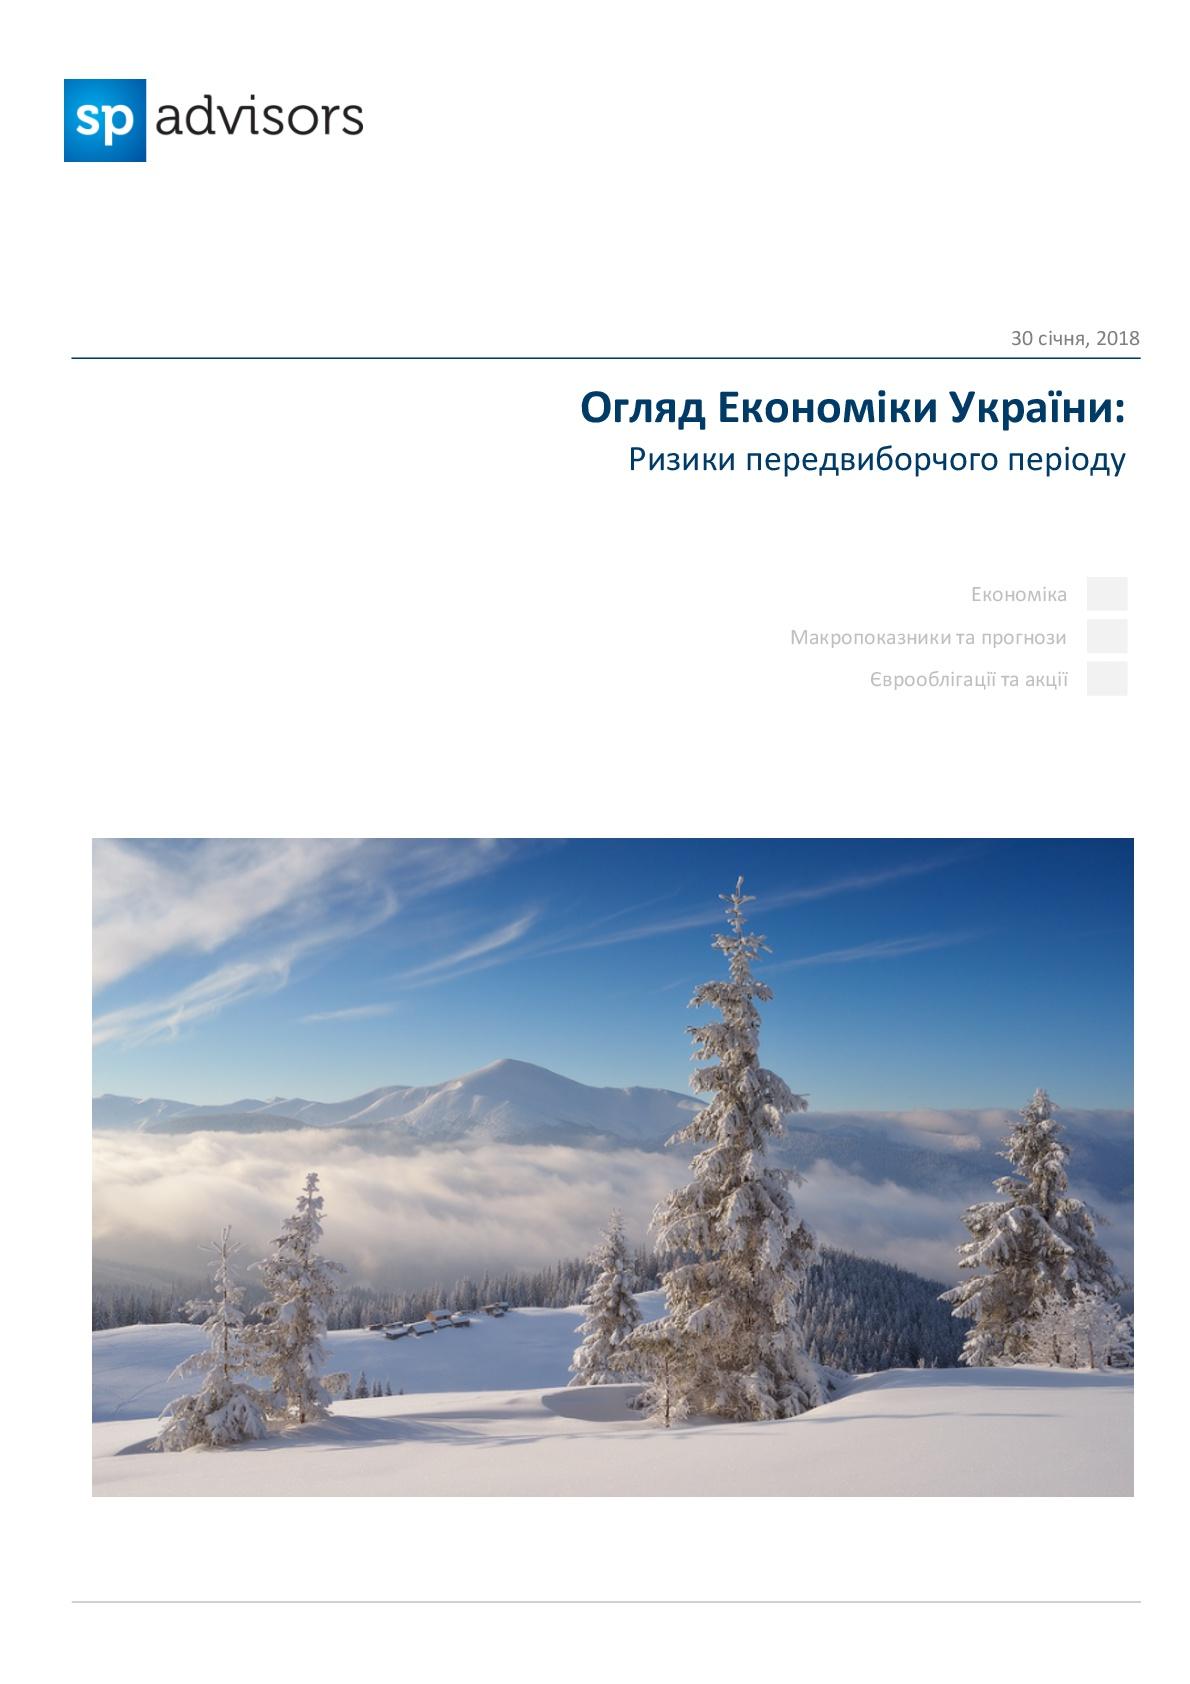 Огляд економіки України: Ризики передвиборчого періоду. 30 січня 2018 року